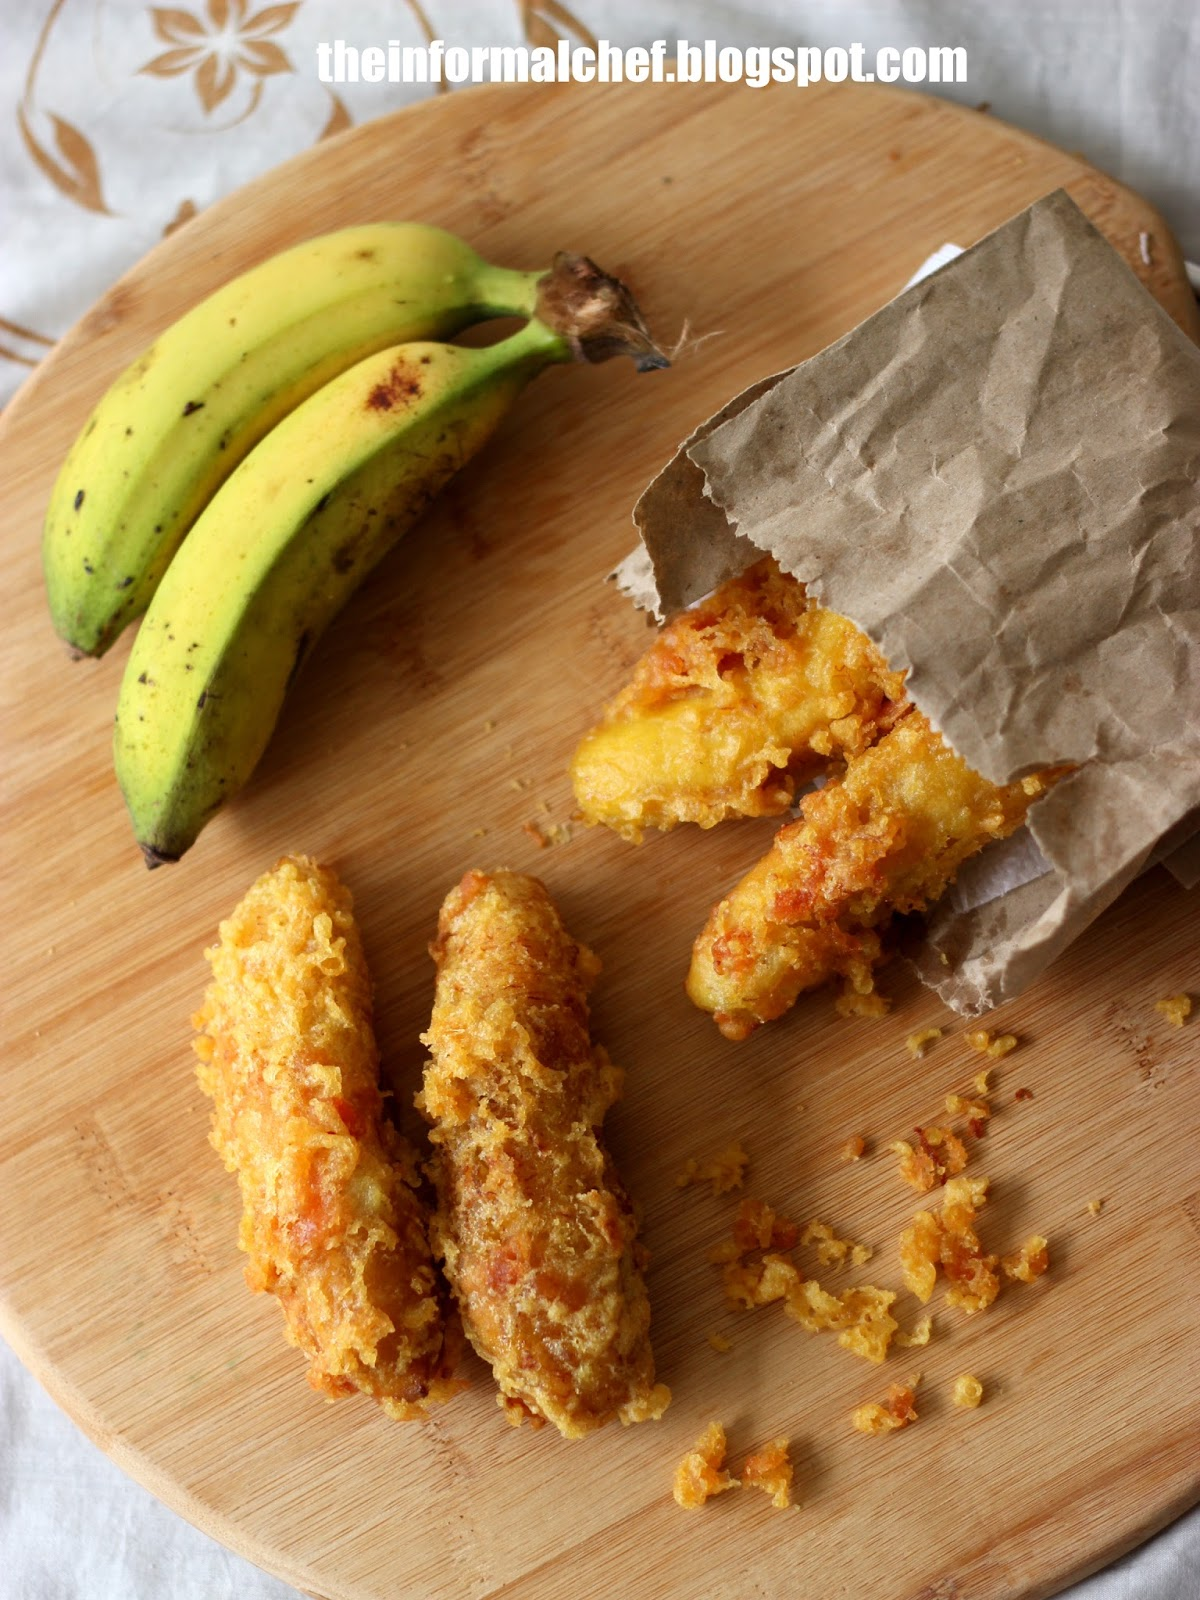 The Informal Chef Crispy Fried Banana Pisang Goreng 炸香蕉